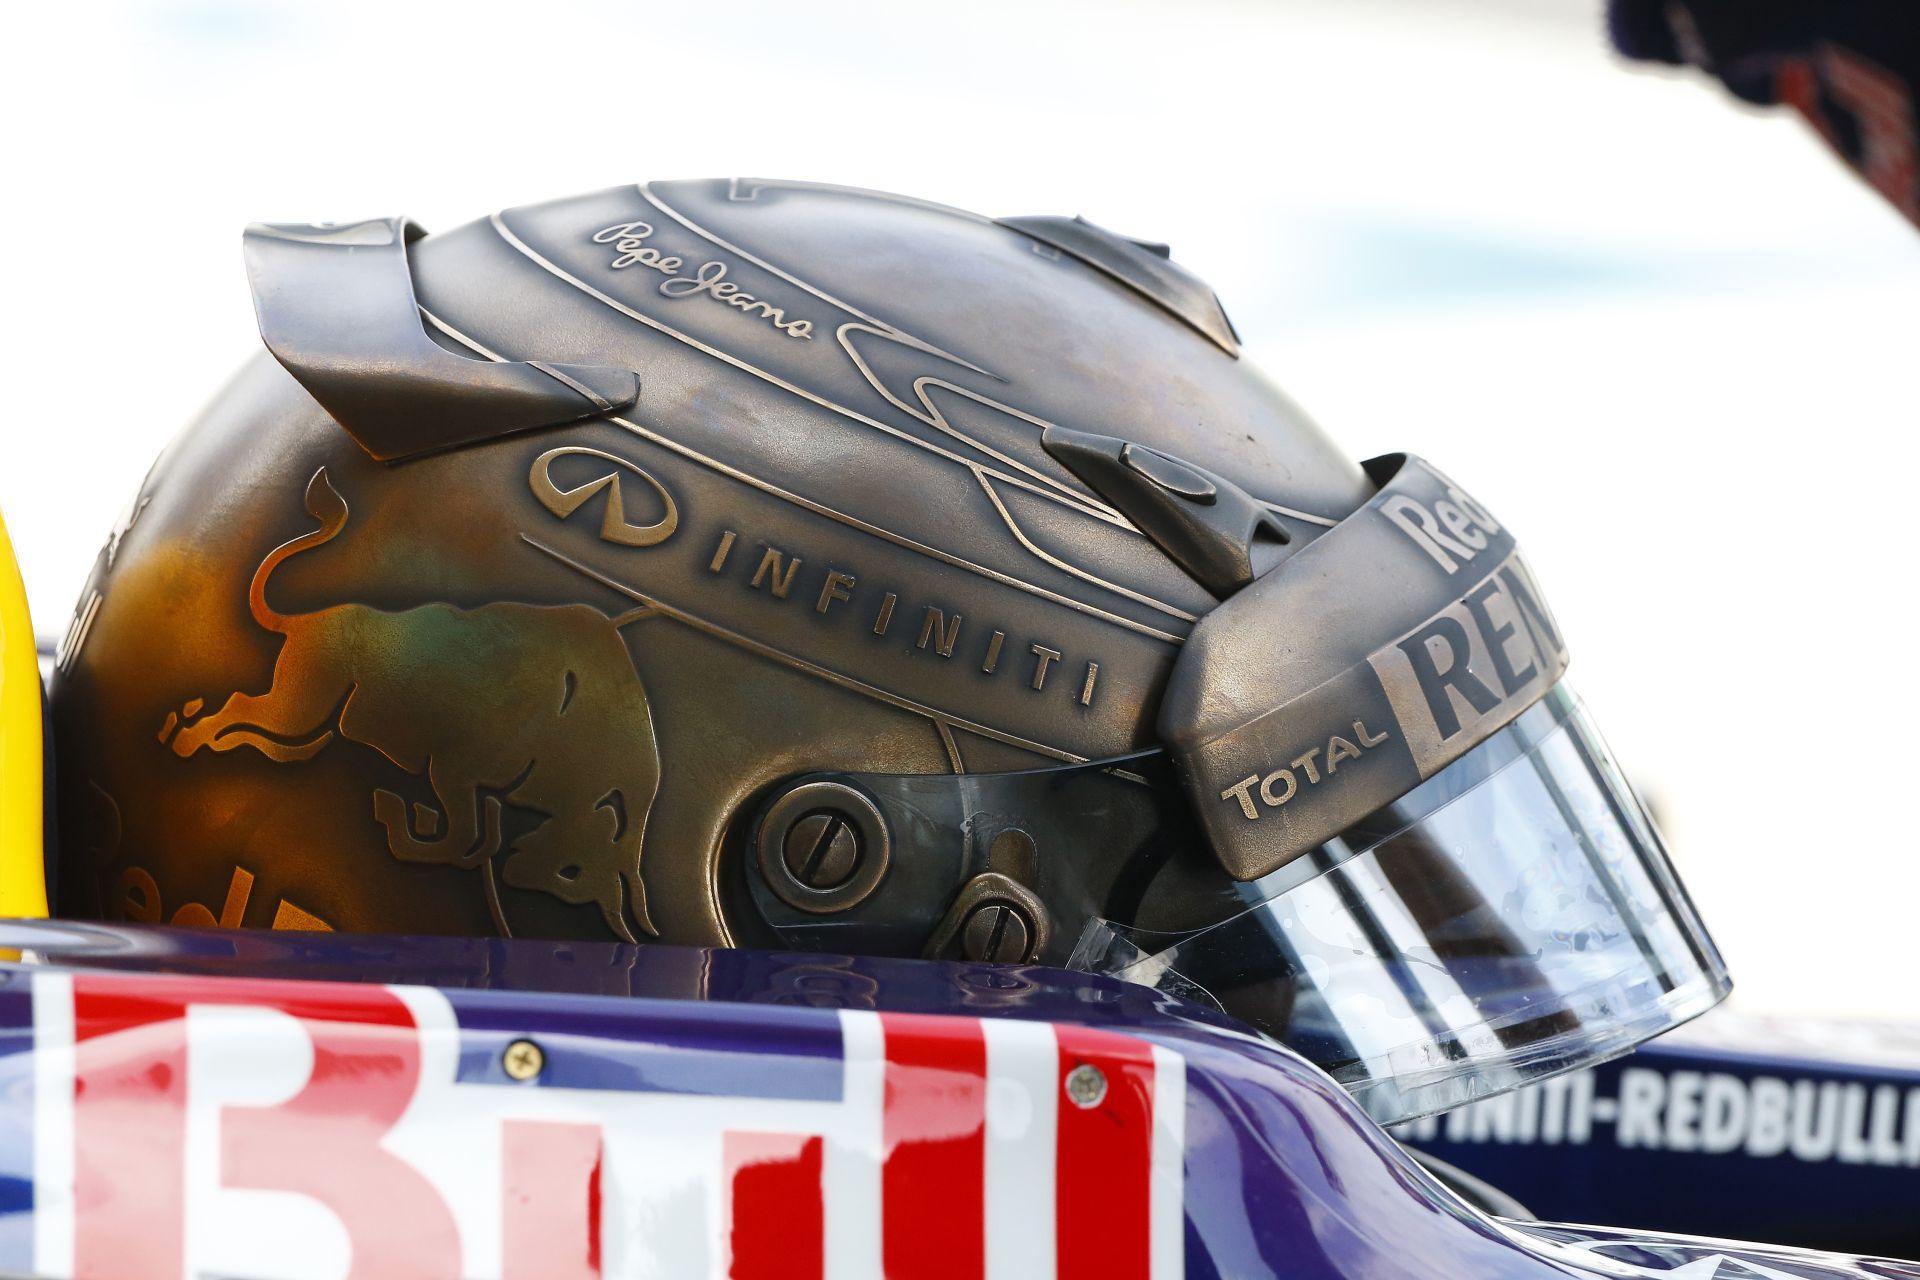 HIVATALOS: Vettel az év végén távozik a Red Bulltól! Irány a Ferrari!